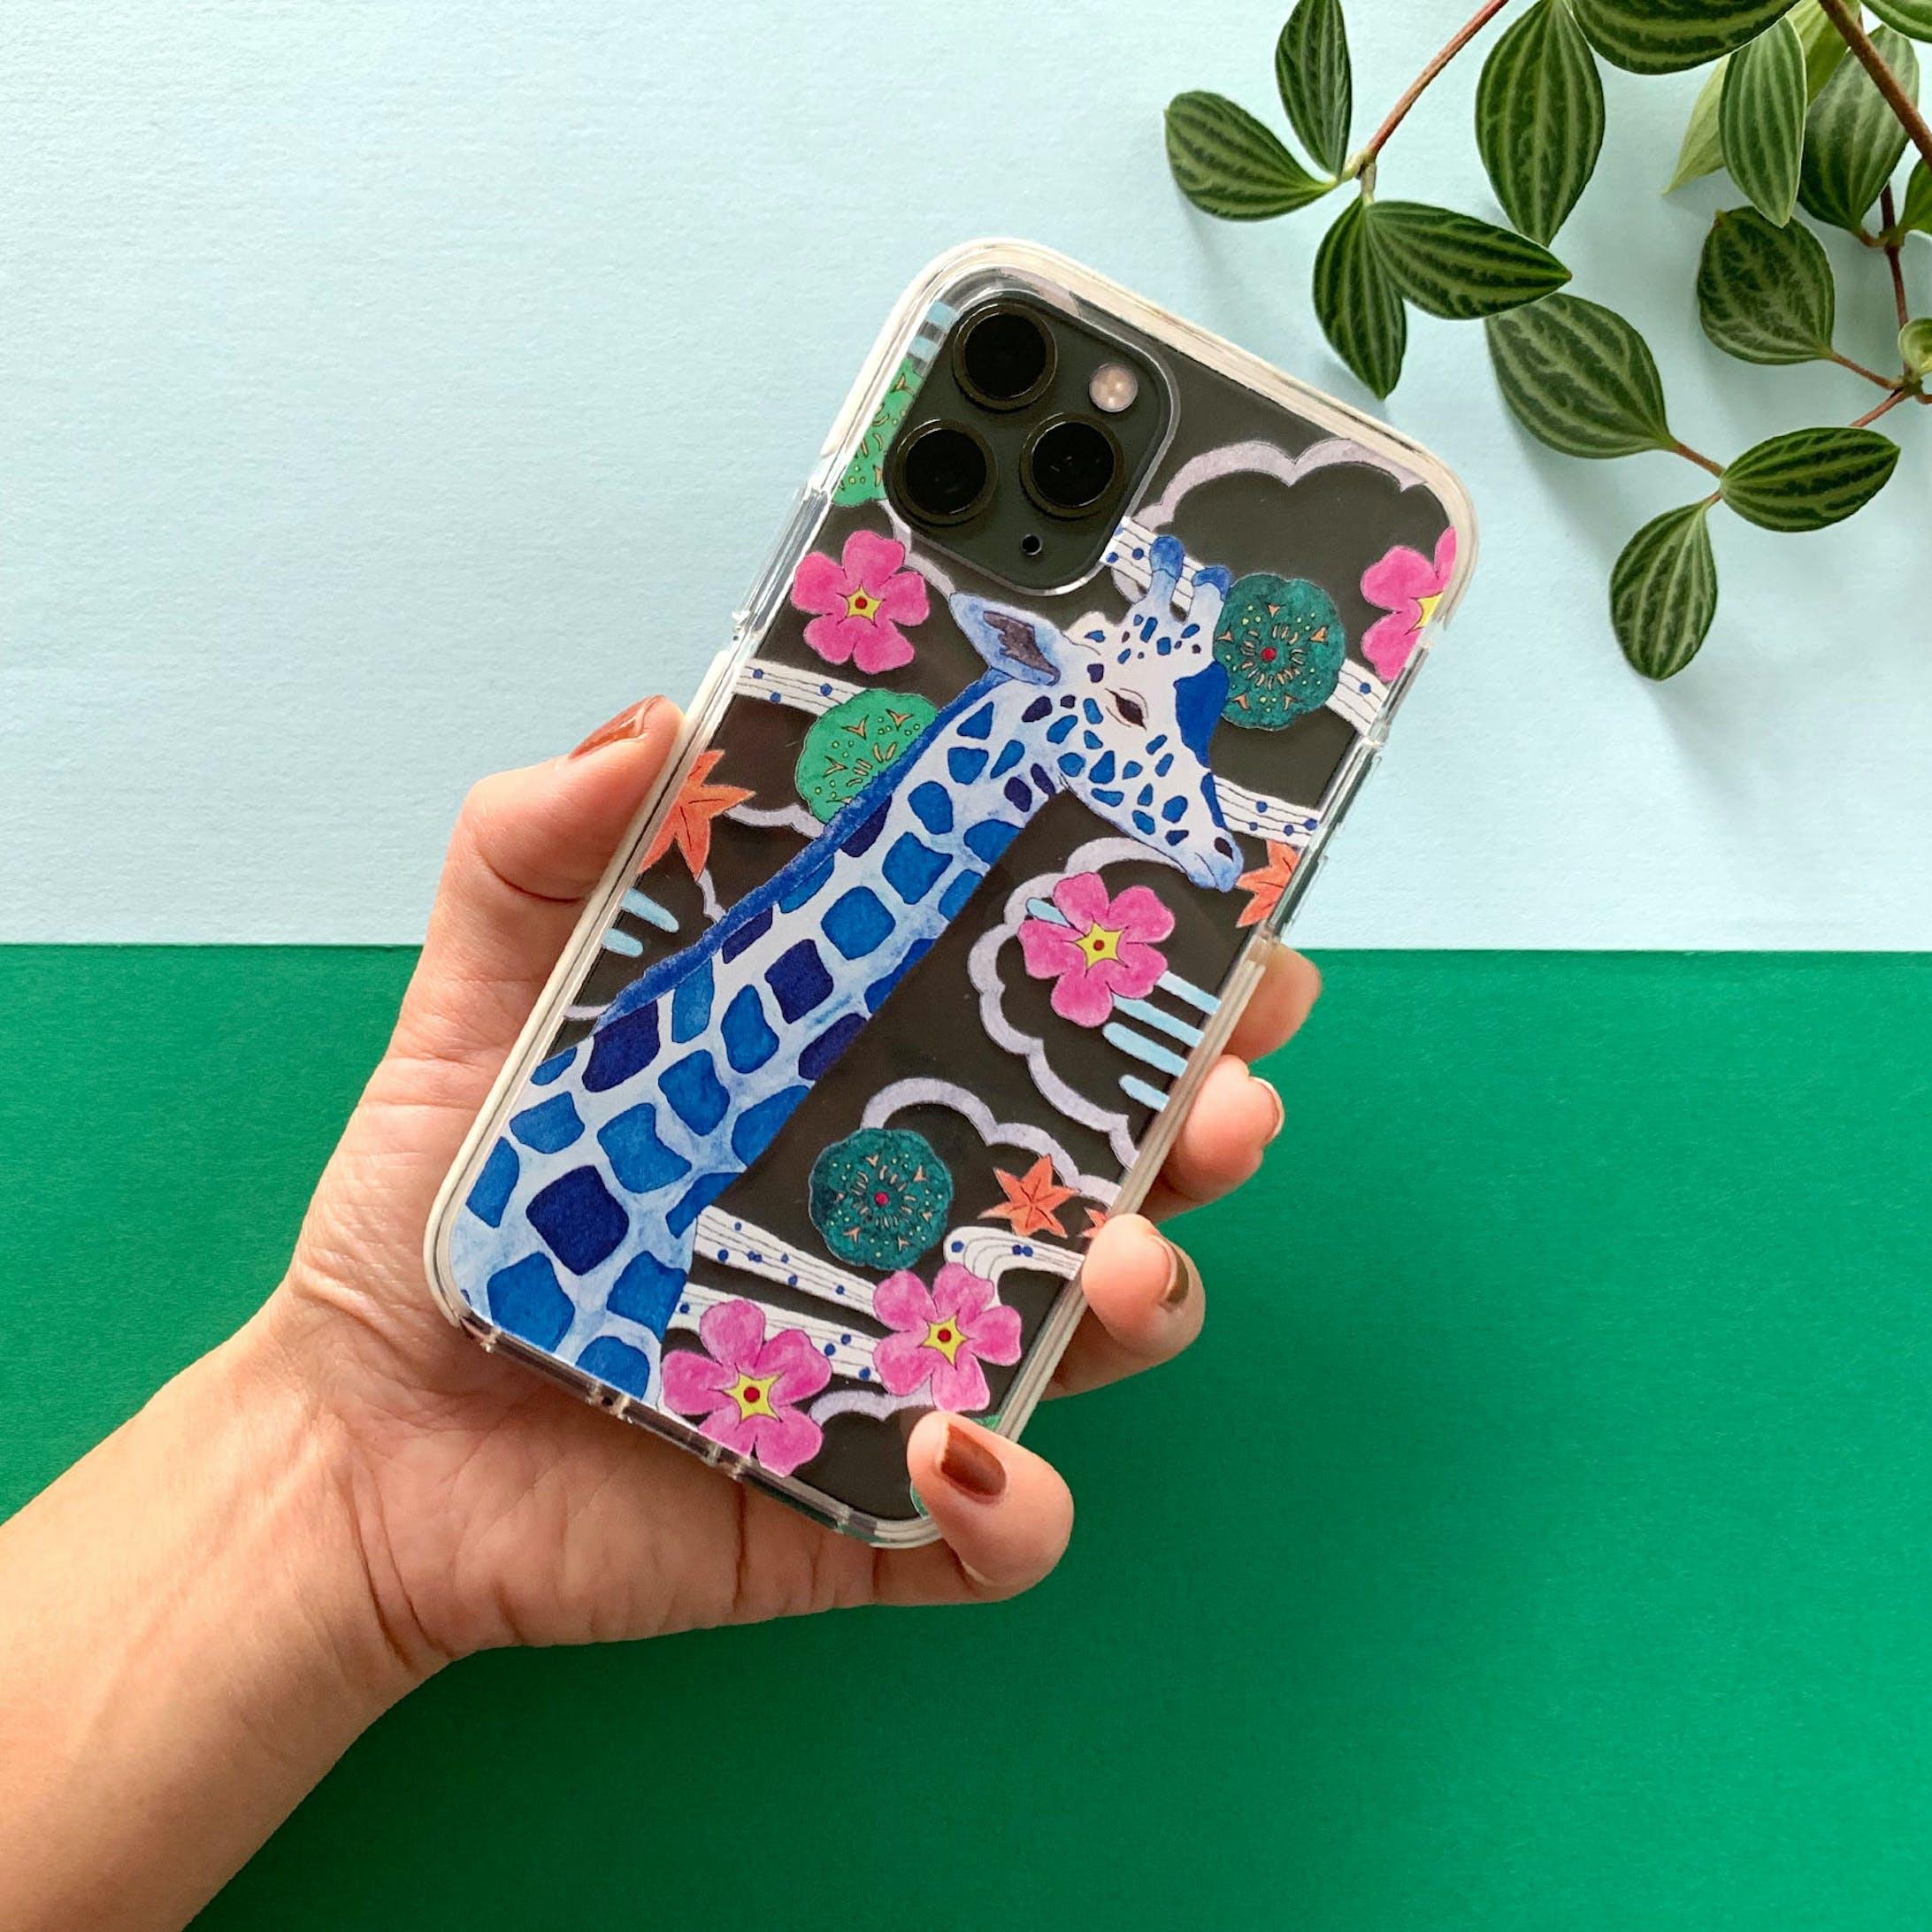 夢見心地なキリン iPhone クリアケース-2